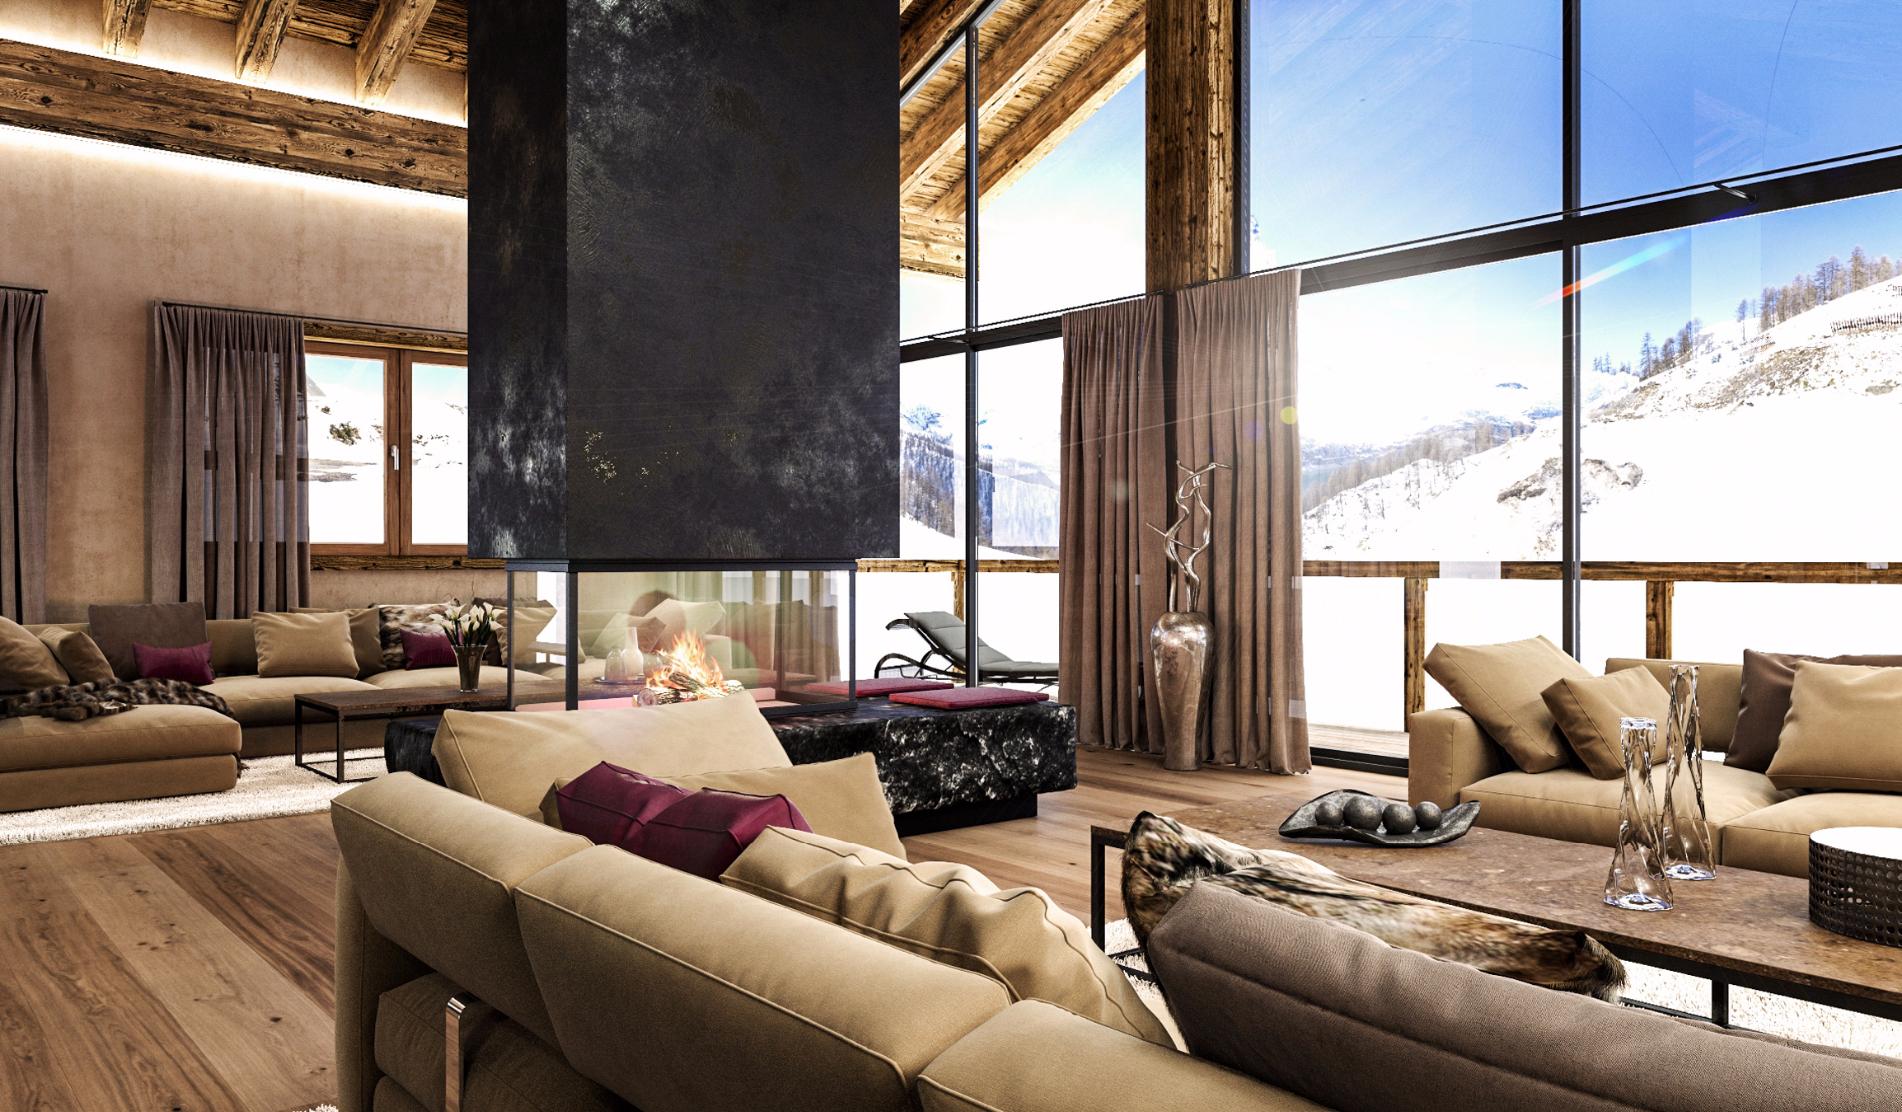 diesigner - Modern Design meets the Swiss Alp Chalet